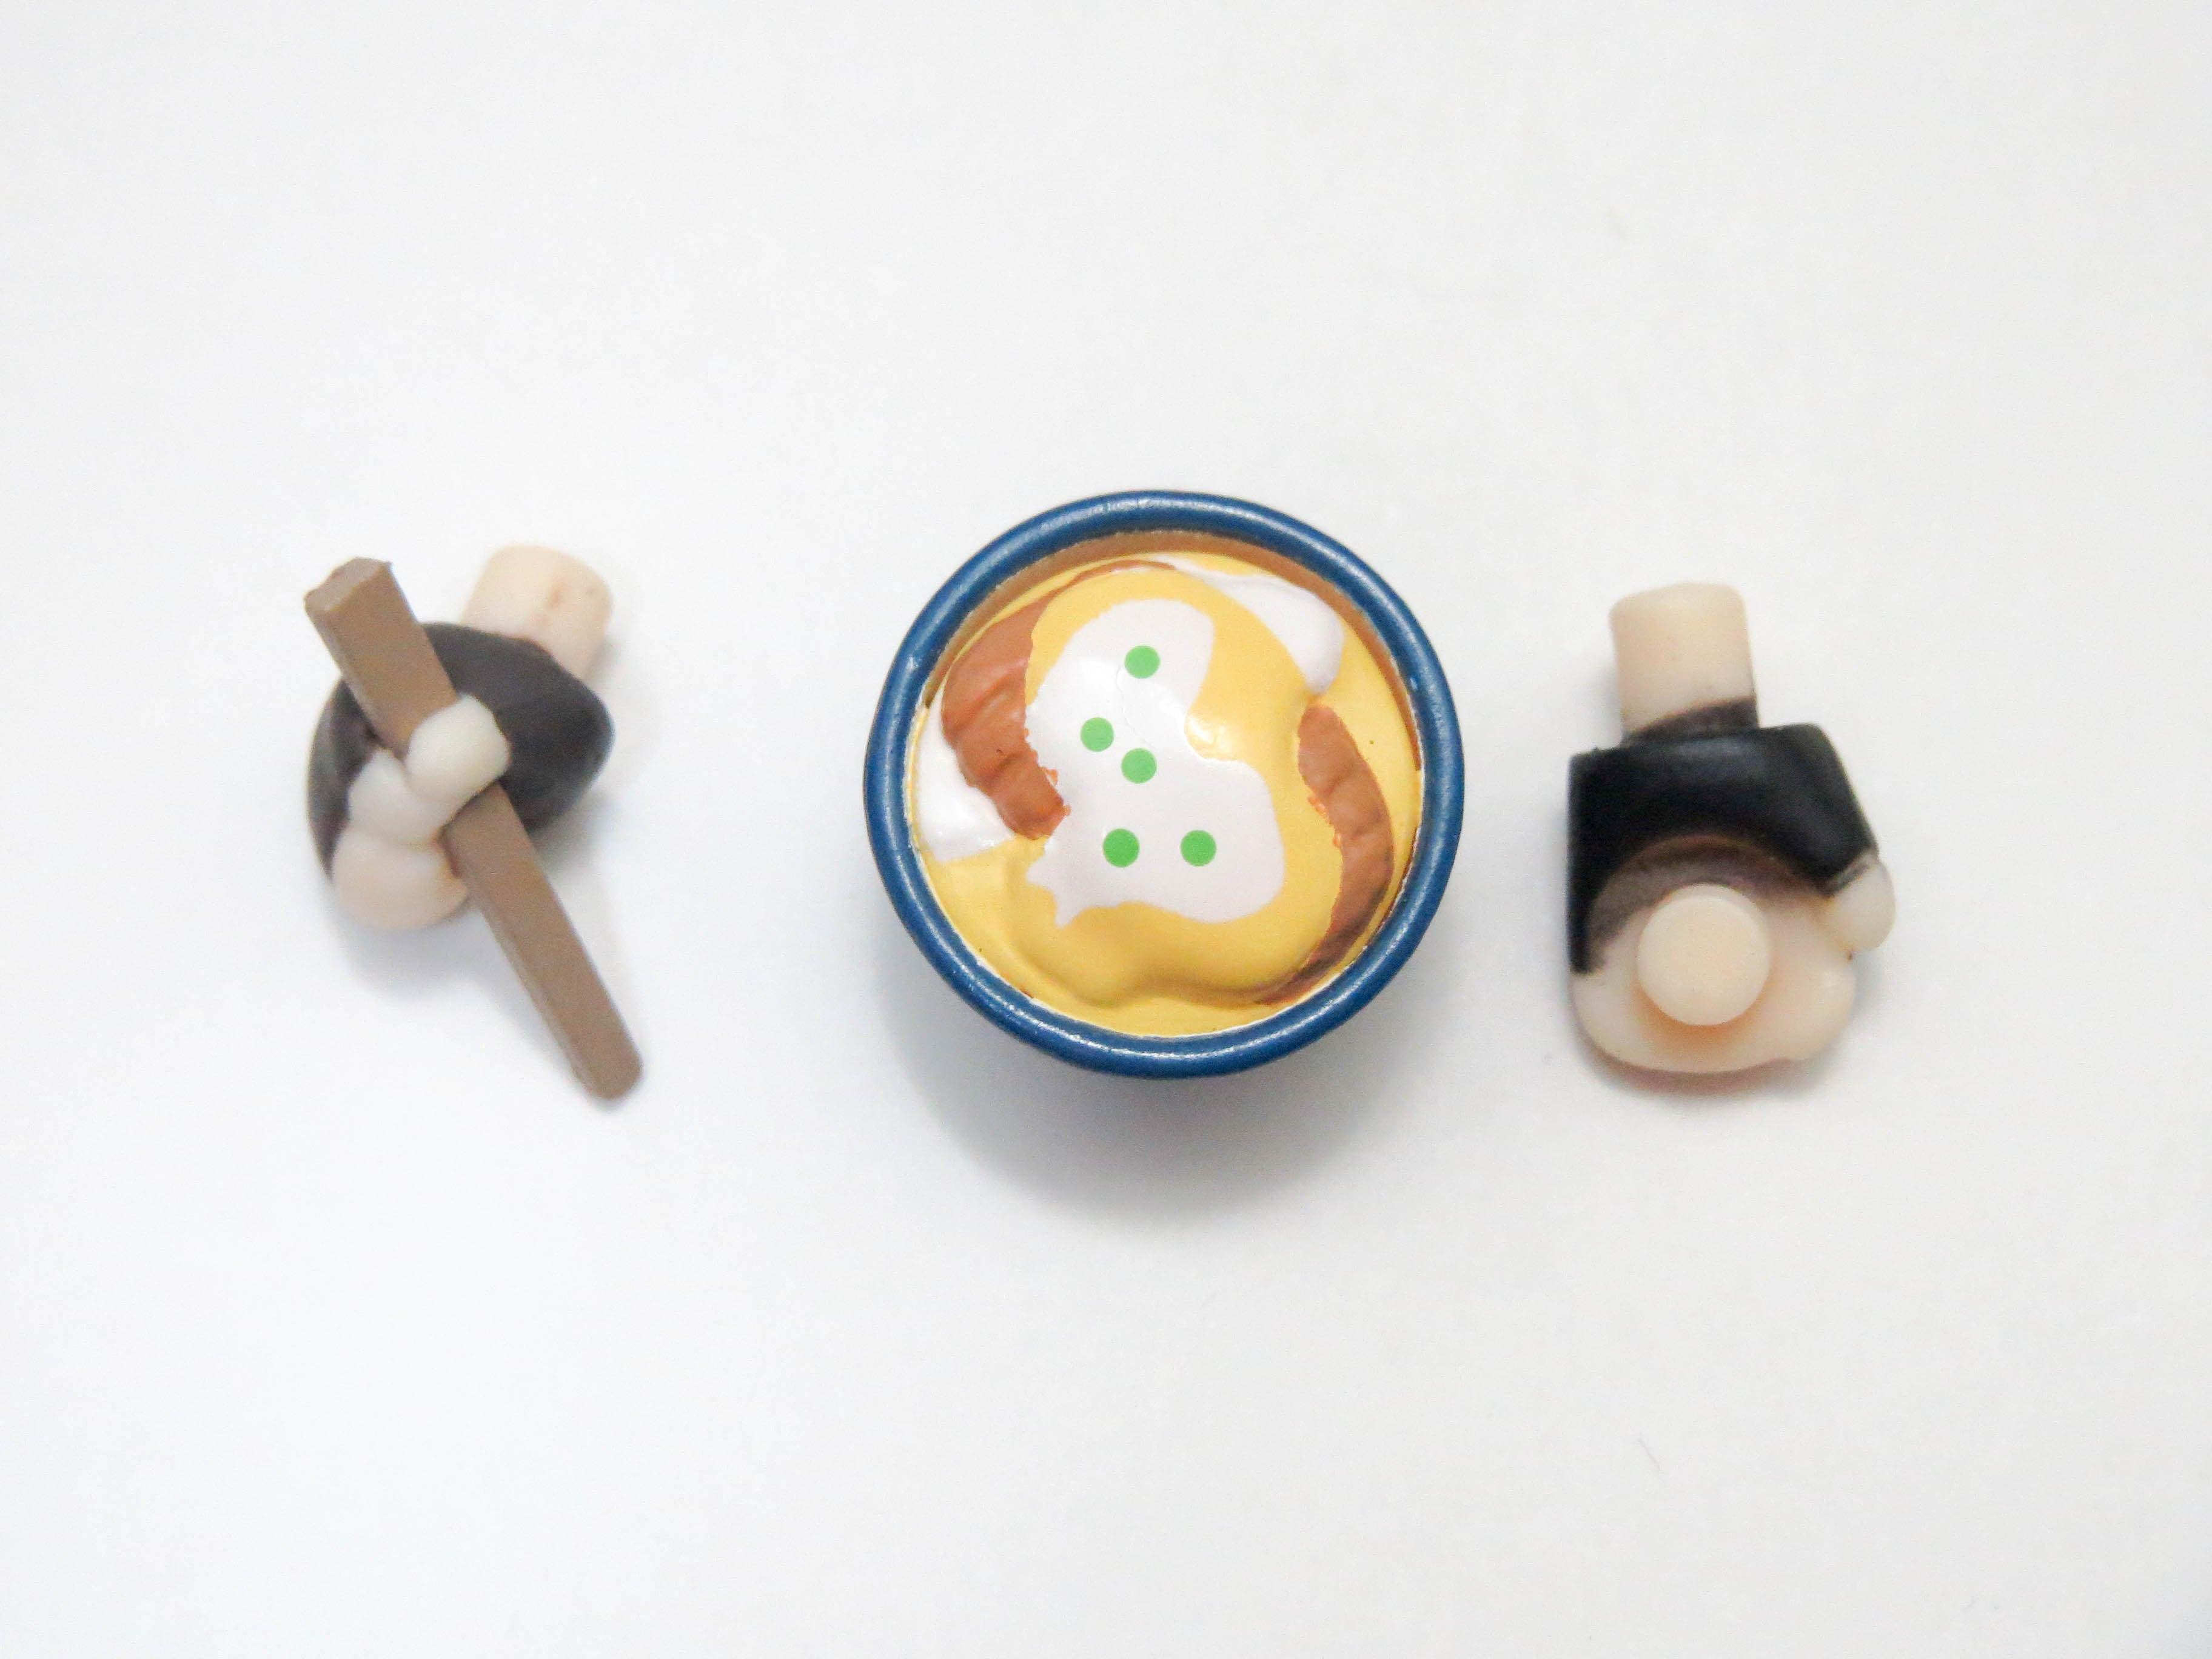 再入荷【736】 勝生勇利 小物パーツ カツ丼とお箸 ねんどろいど